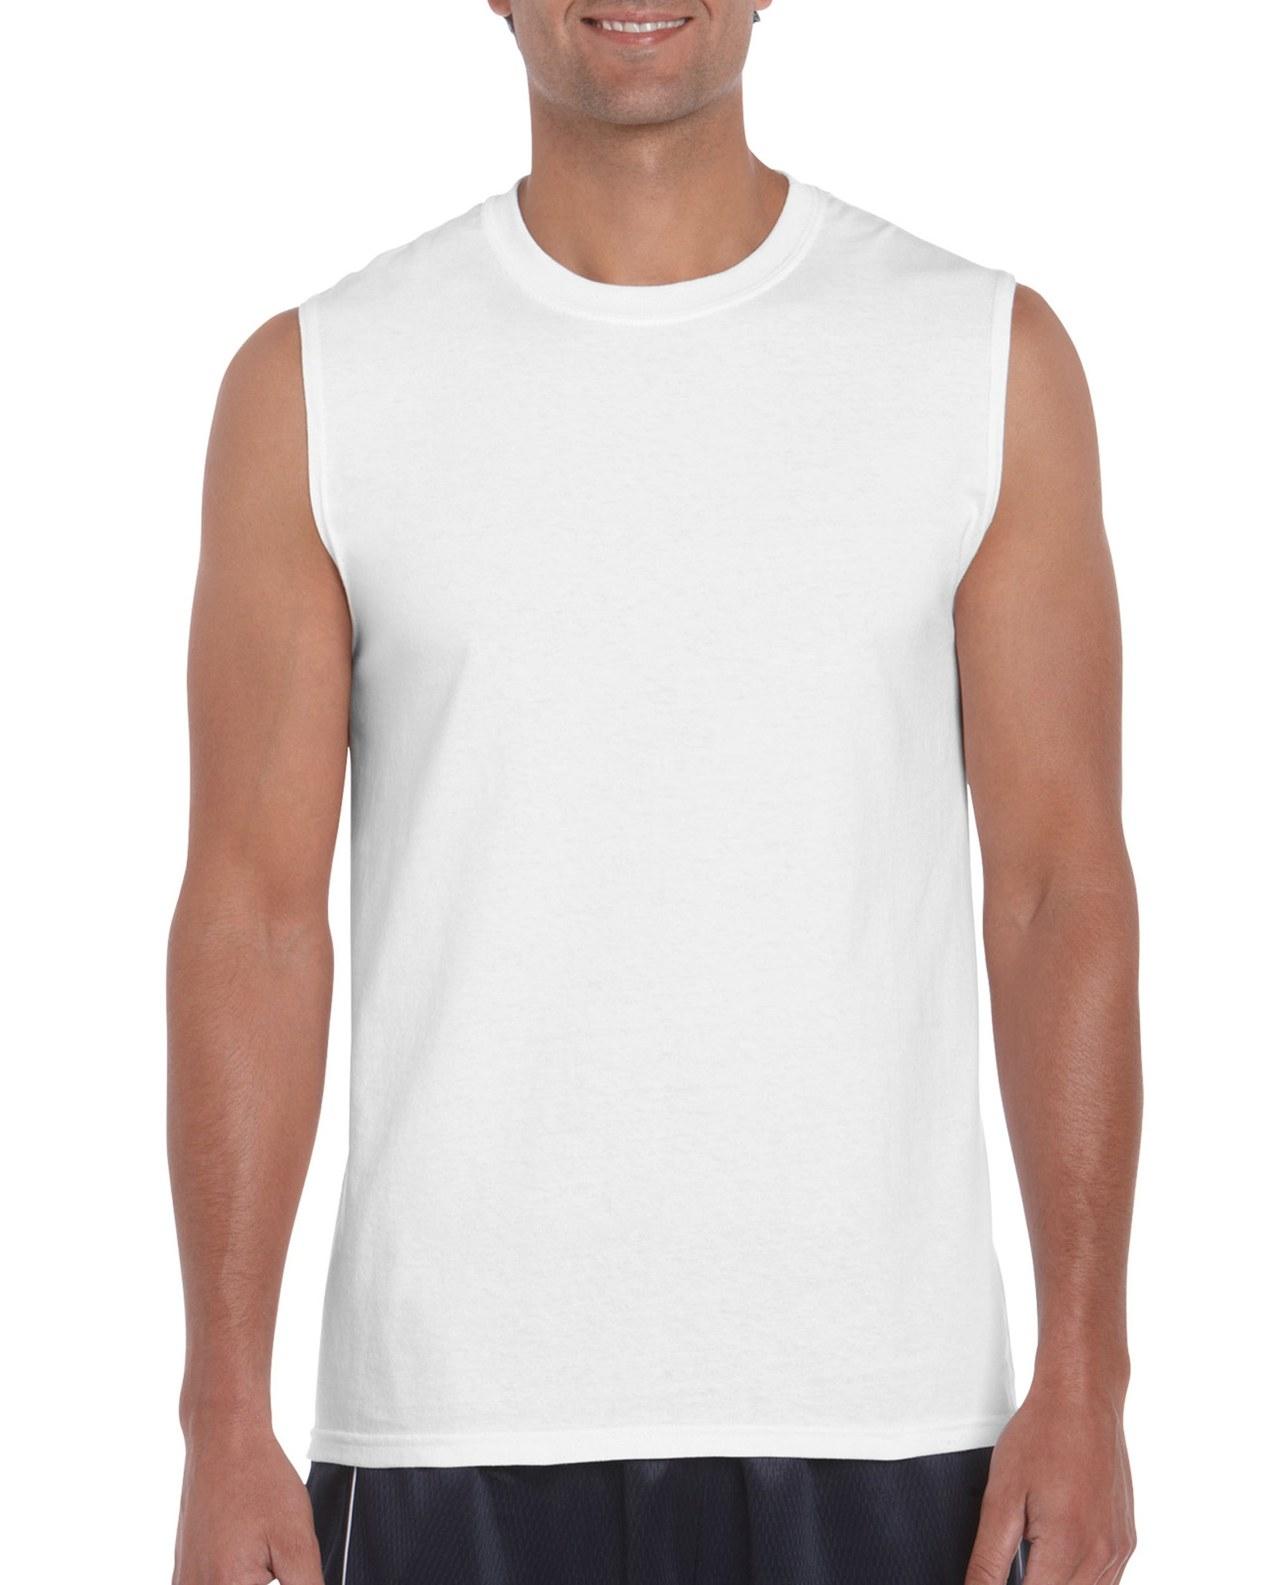 white sleeveless t shirt